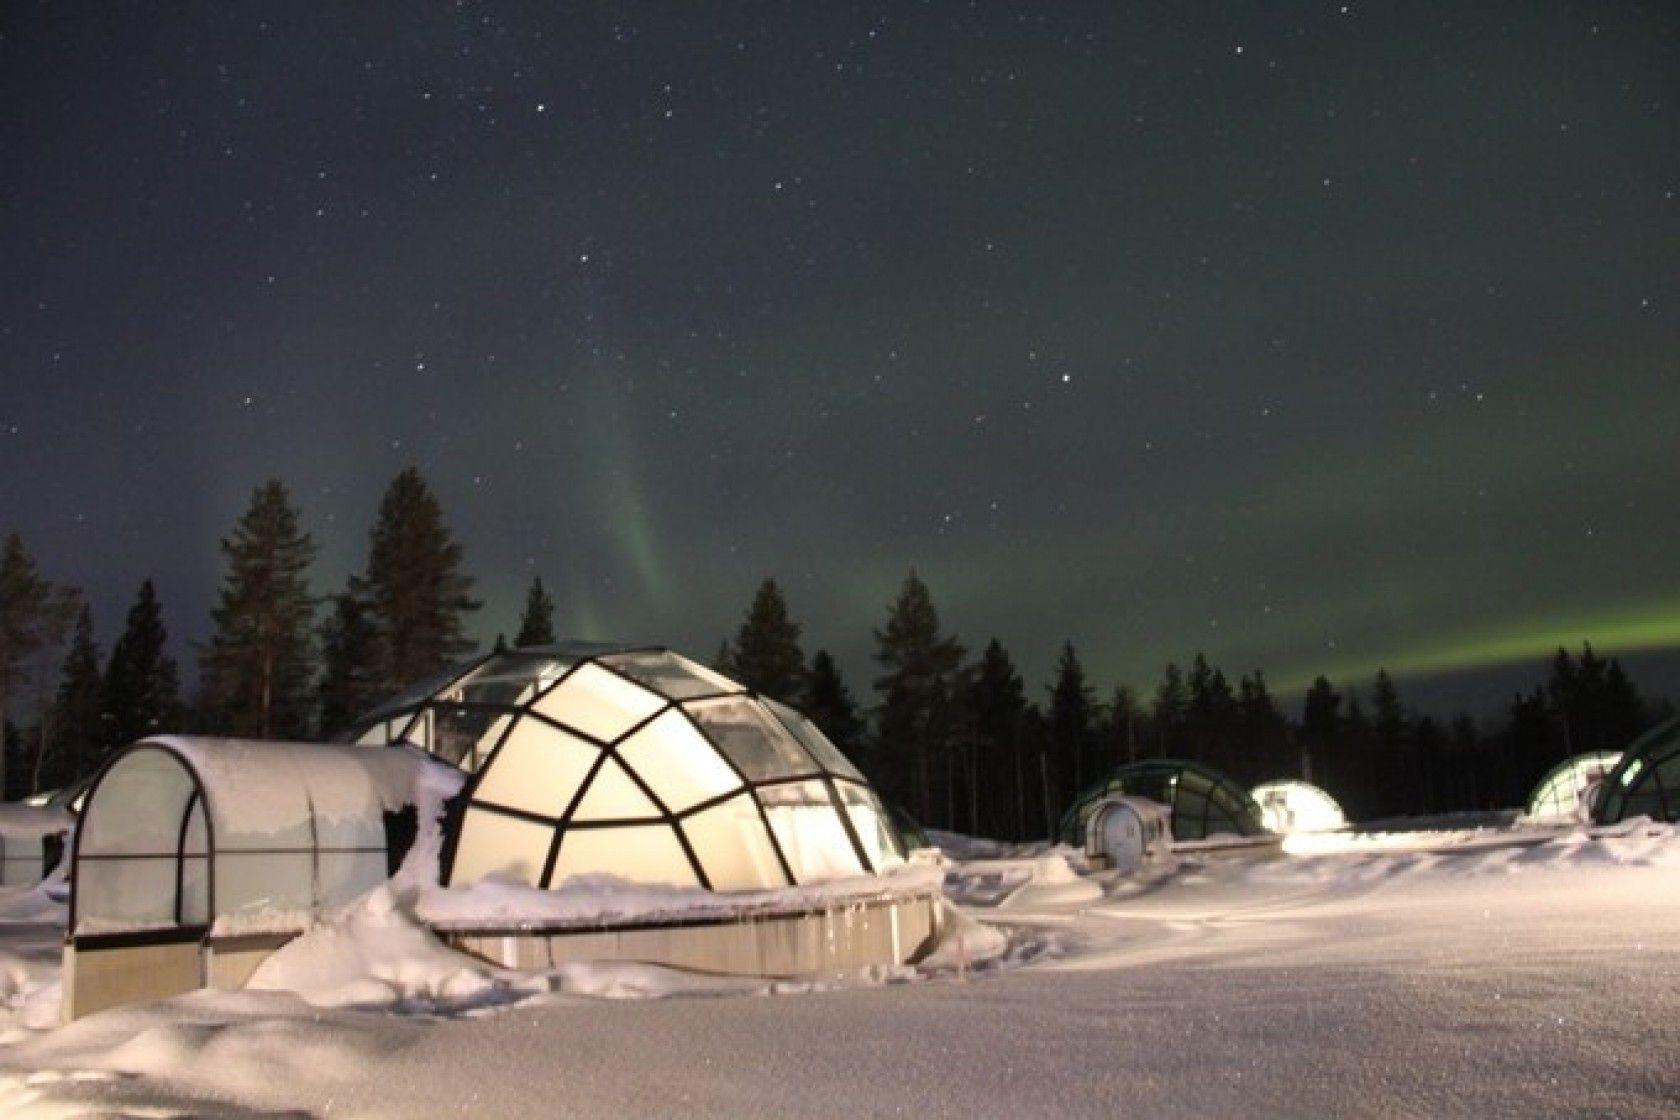 Finlandiya'da Geçerli Olan Lise Diplomaları Hakkında Detaylı Bilgiler